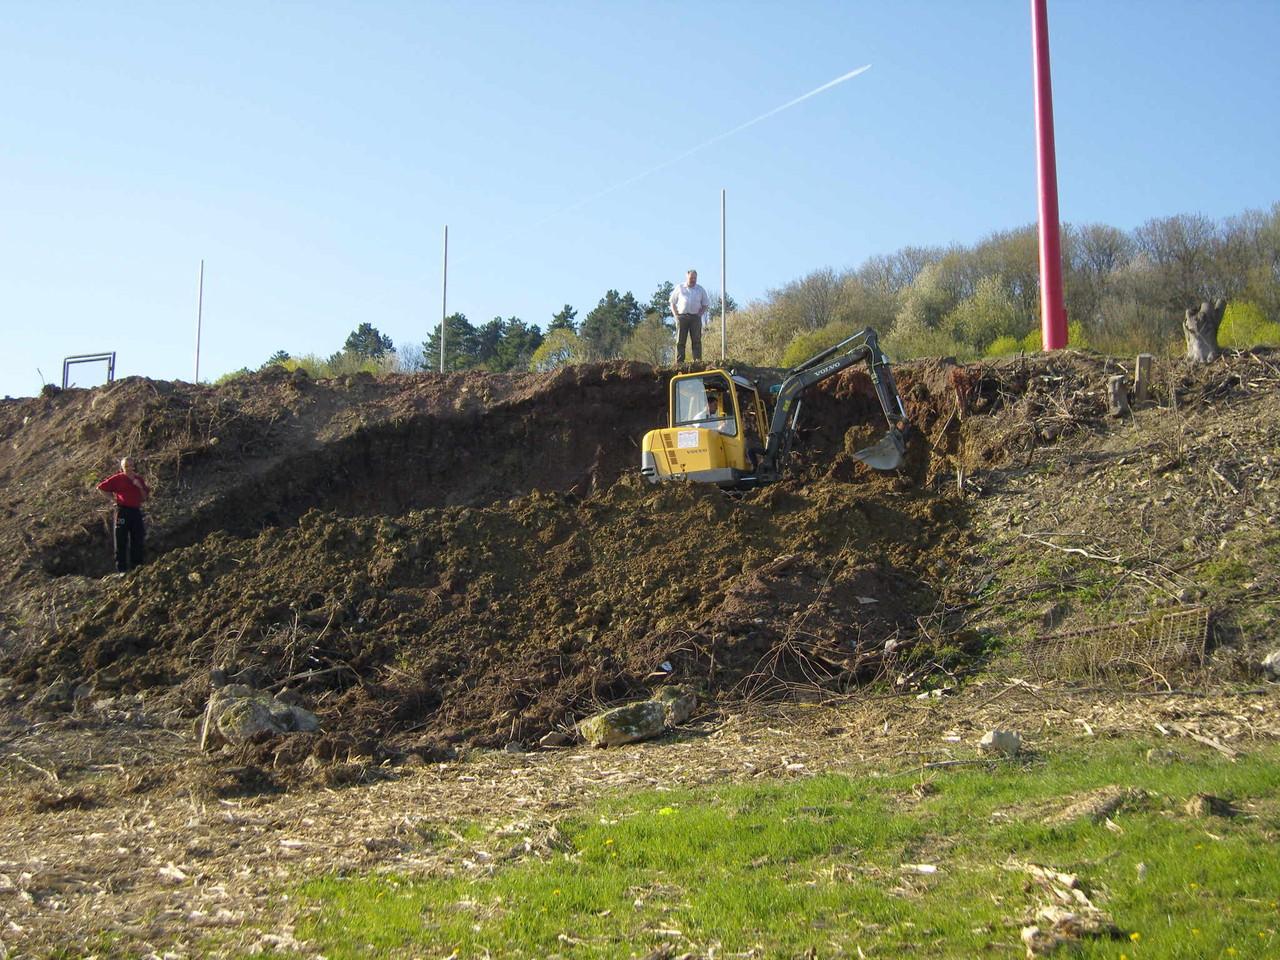 Arbeitseinsatz - 24.04.2010 - Ölsuche am Fischerberg!